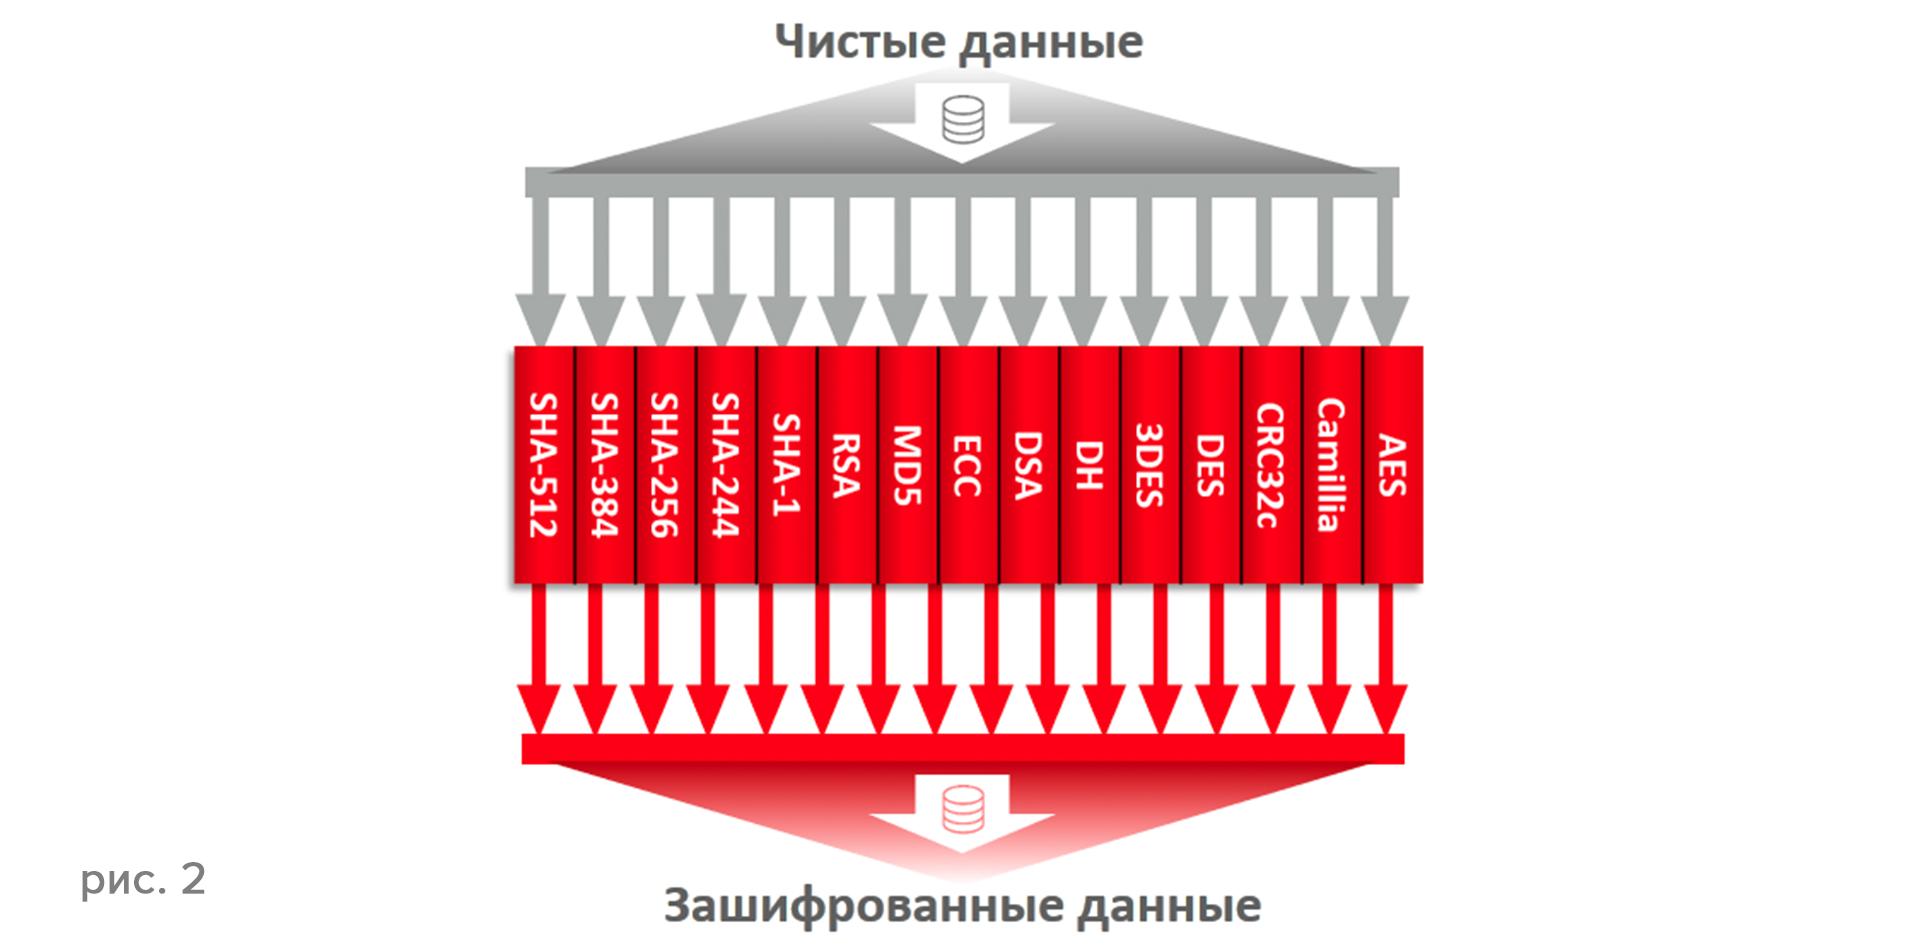 Серверы Oracle SPARC T7 и M7 — новая платформа для защищенных вычислений - 2